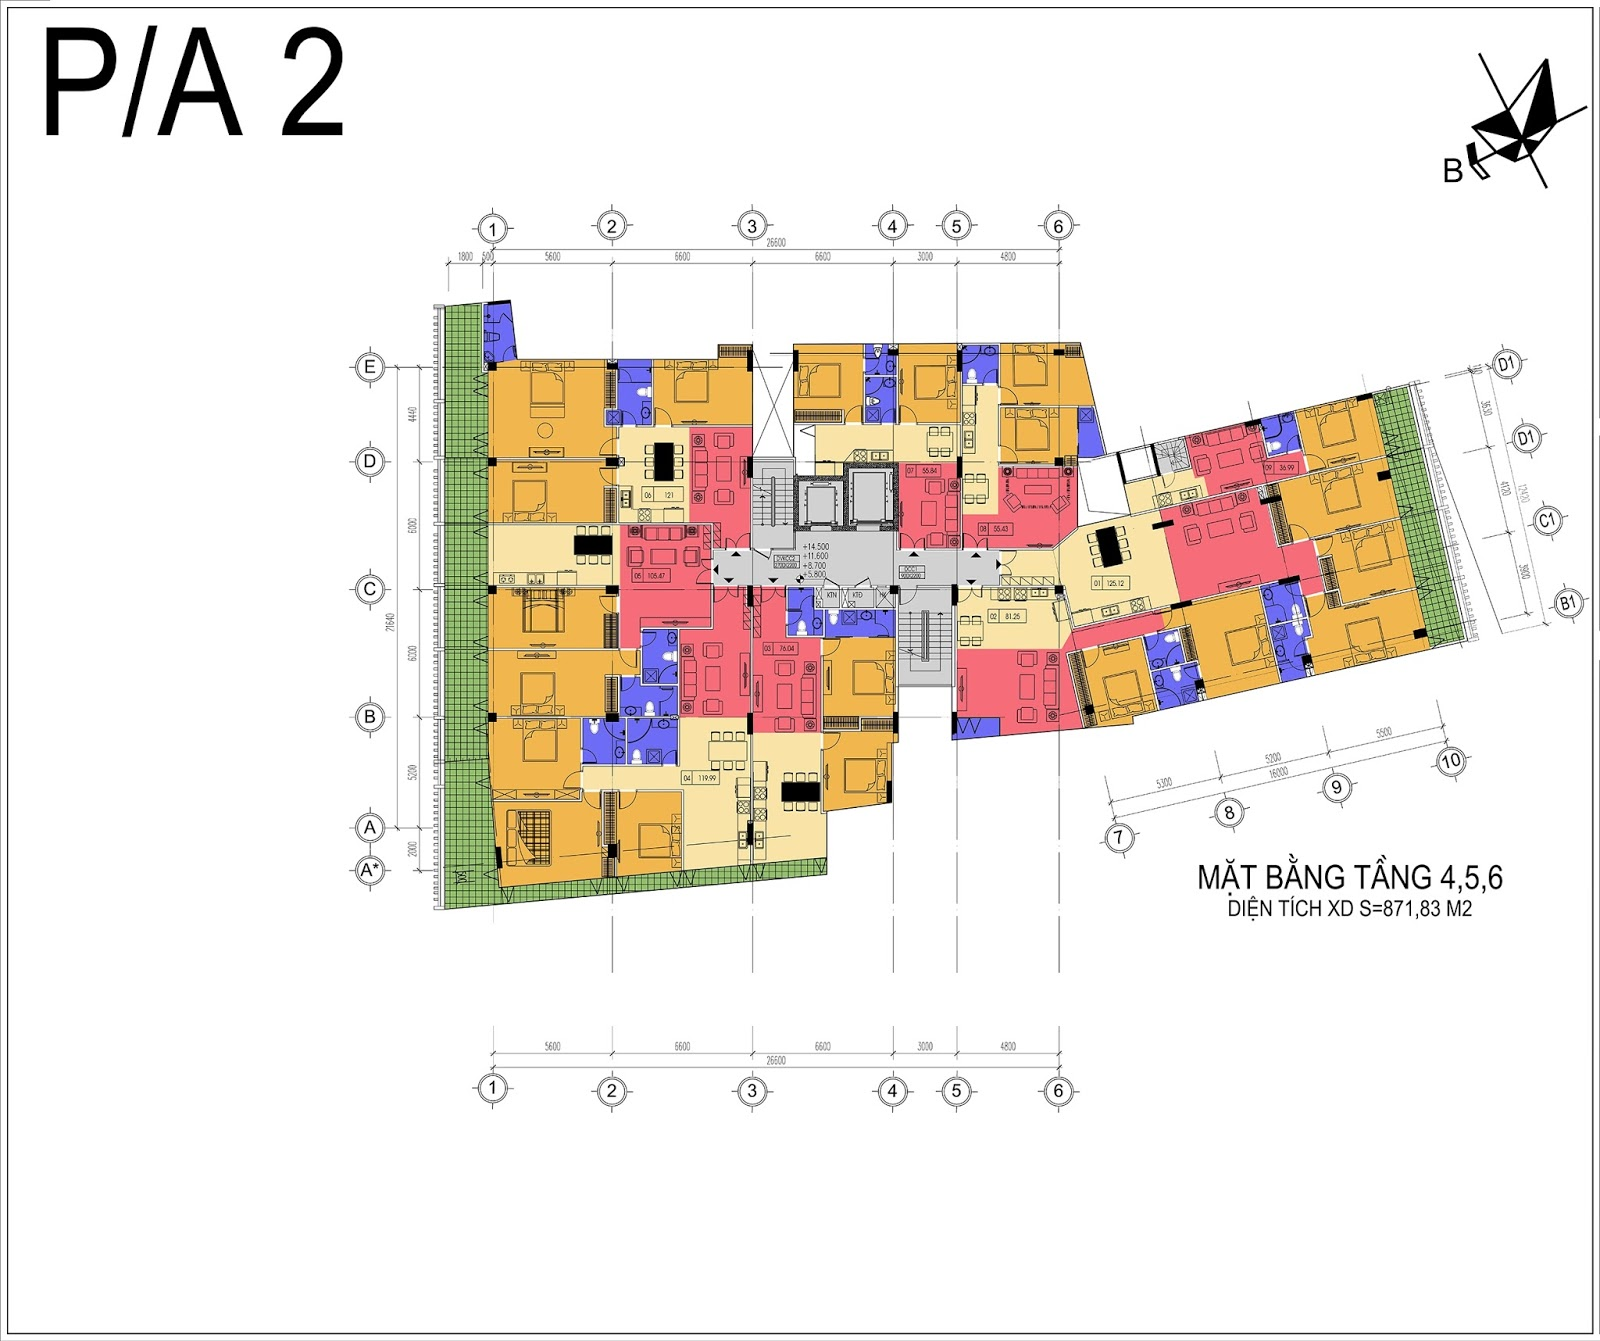 Mặt bằng điển hình tầng 4,5,6 dự án Núi Trúc